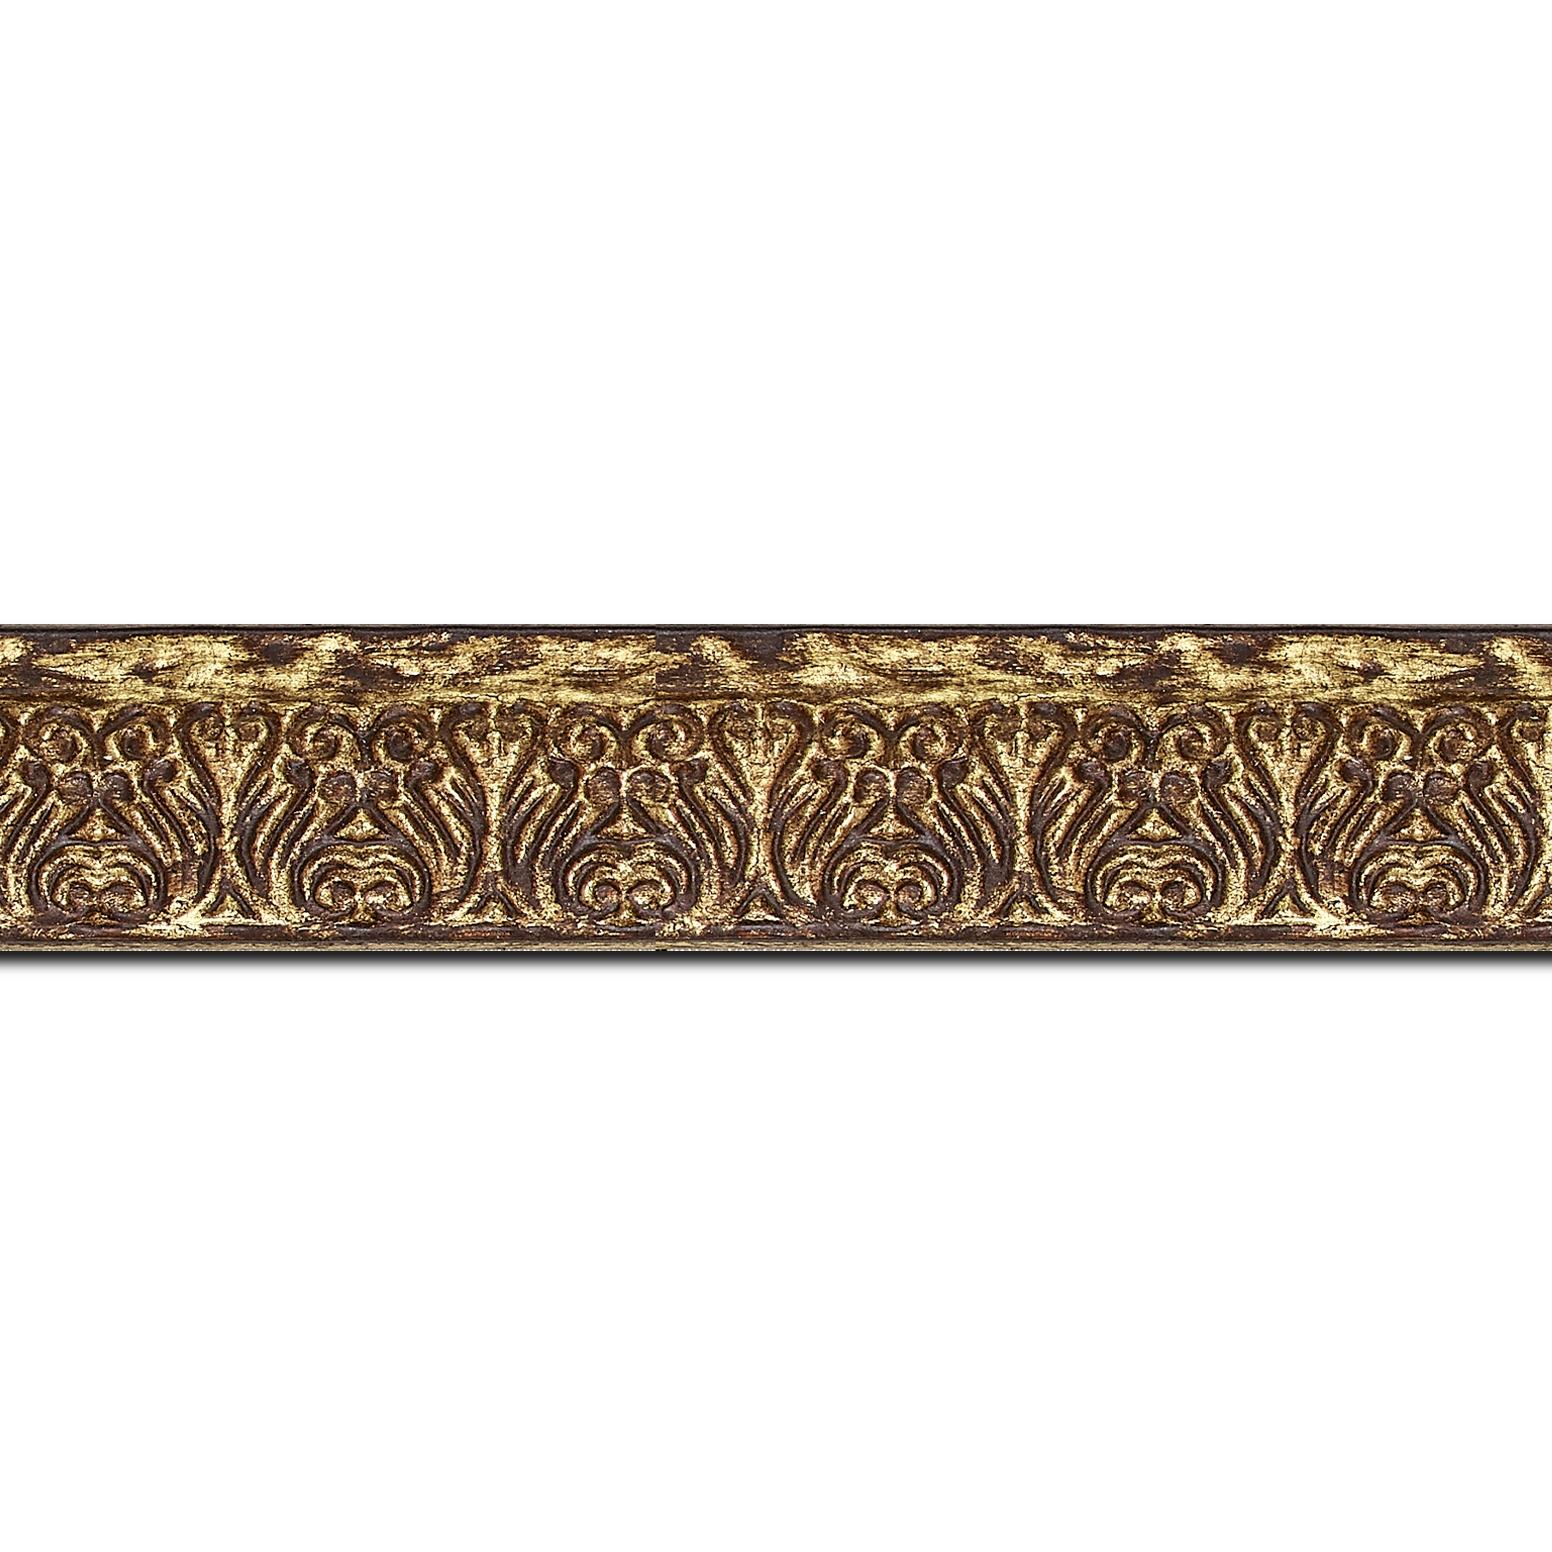 Baguette longueur 1.40m bois profil incurvé largeur 3cm or antique vieilli à la feuille style